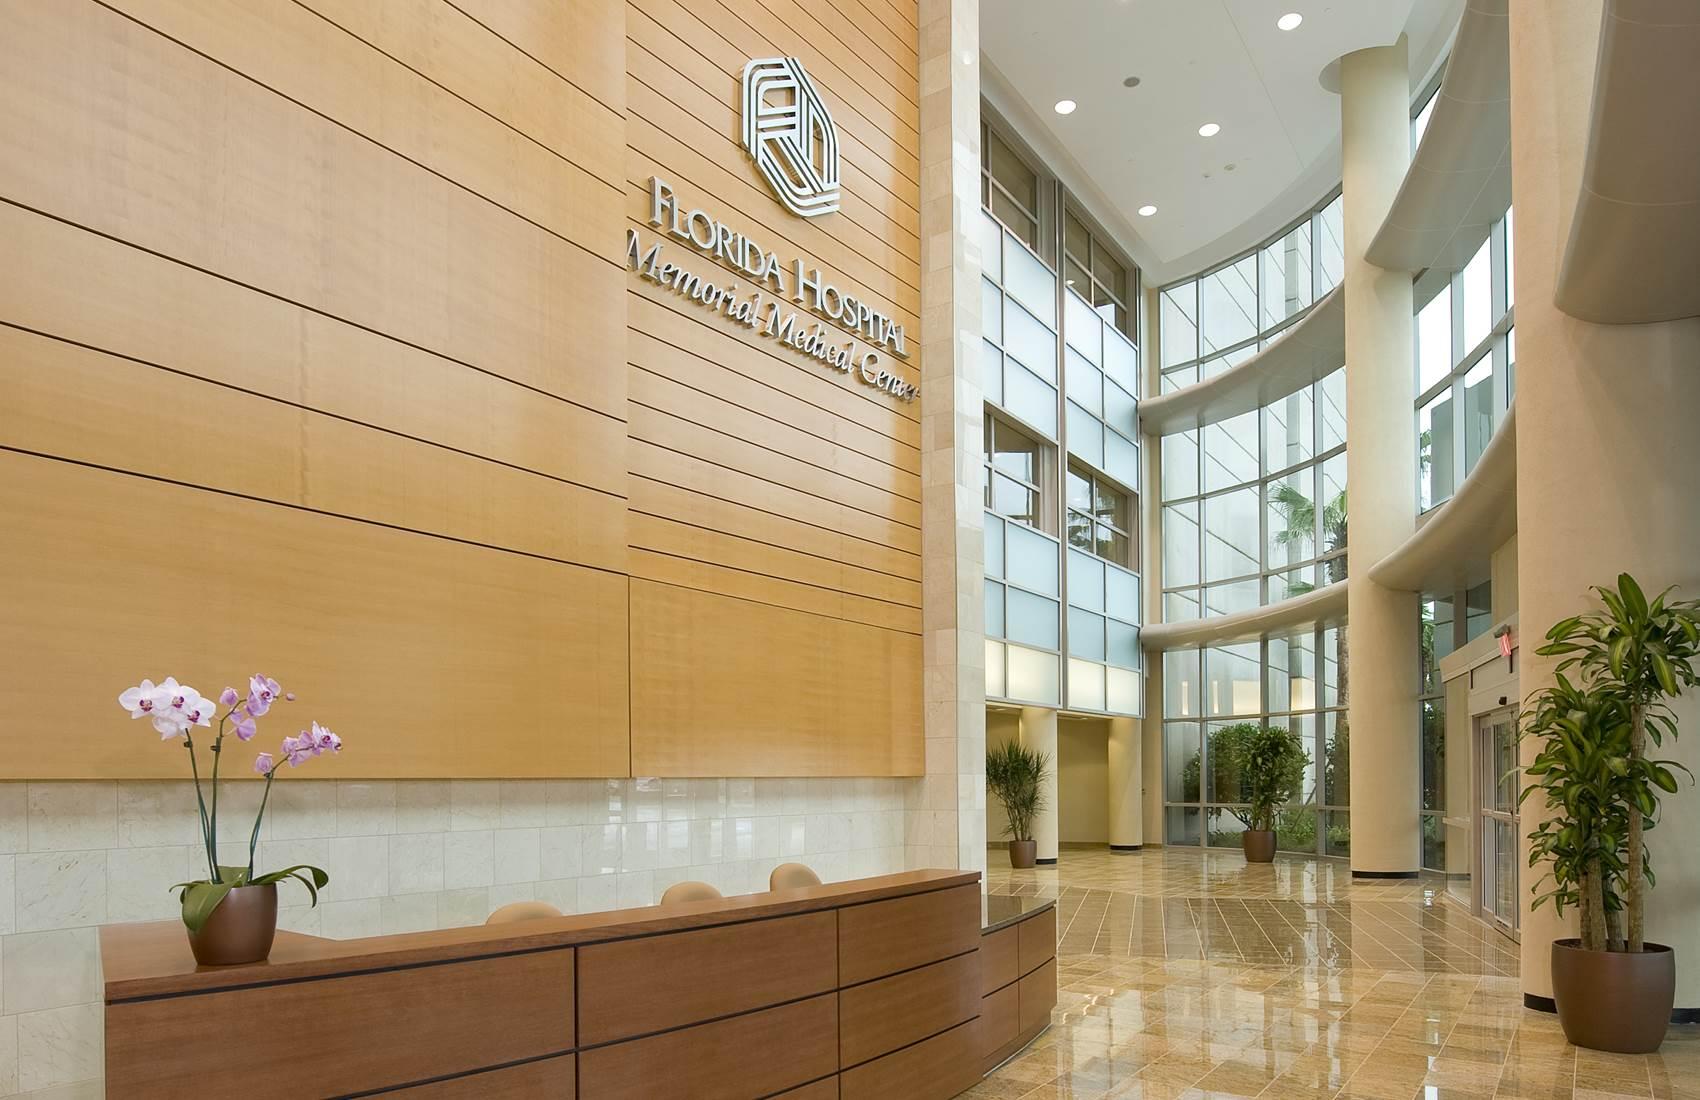 Florida Hospital Memorial Medical Center atrium